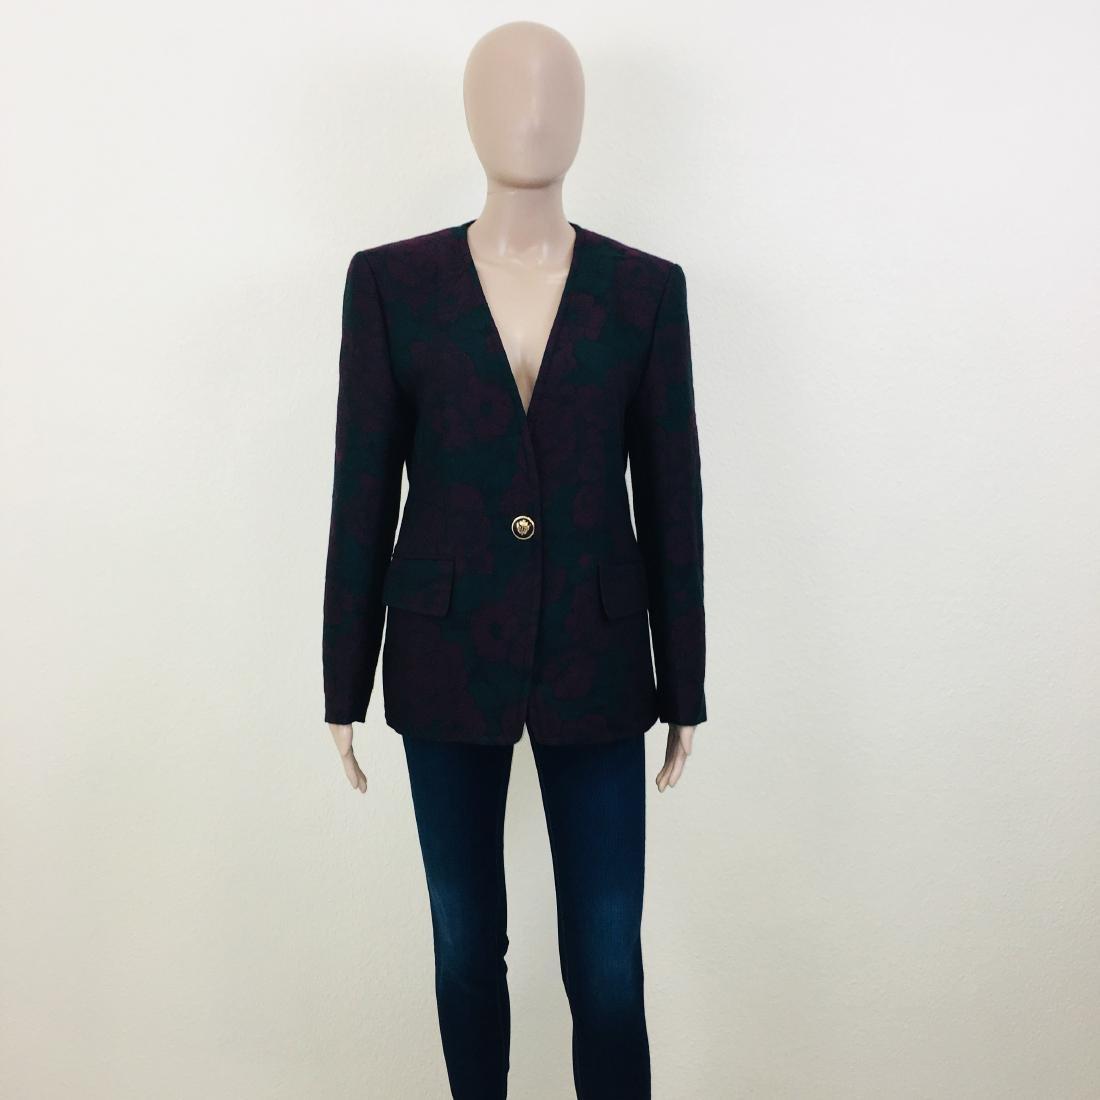 Vintage Women's Designer Blazer Jacket - 2